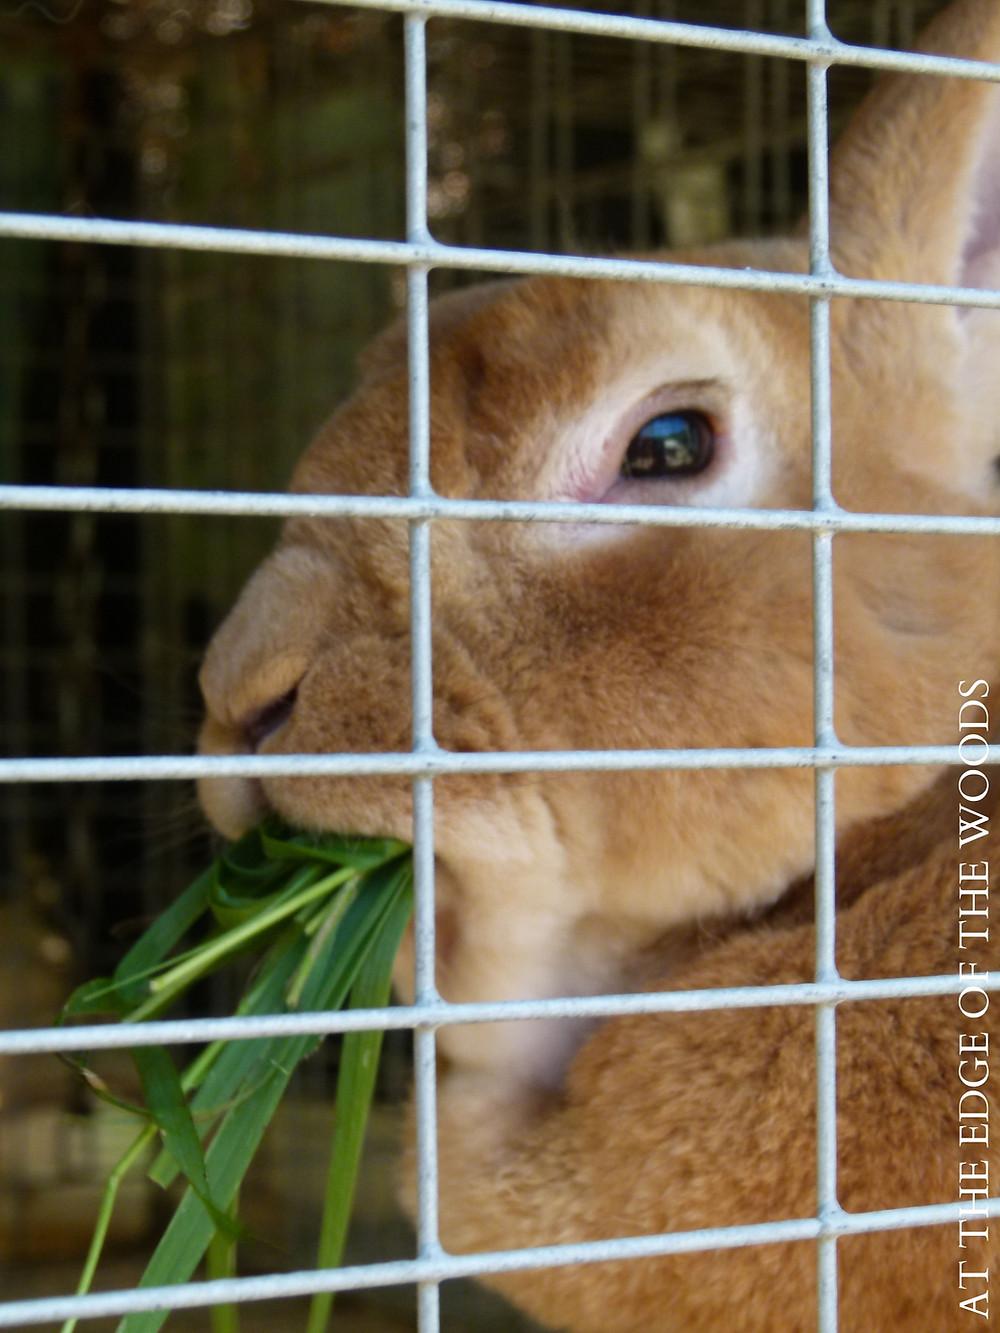 the old butterscotch buck rabbit